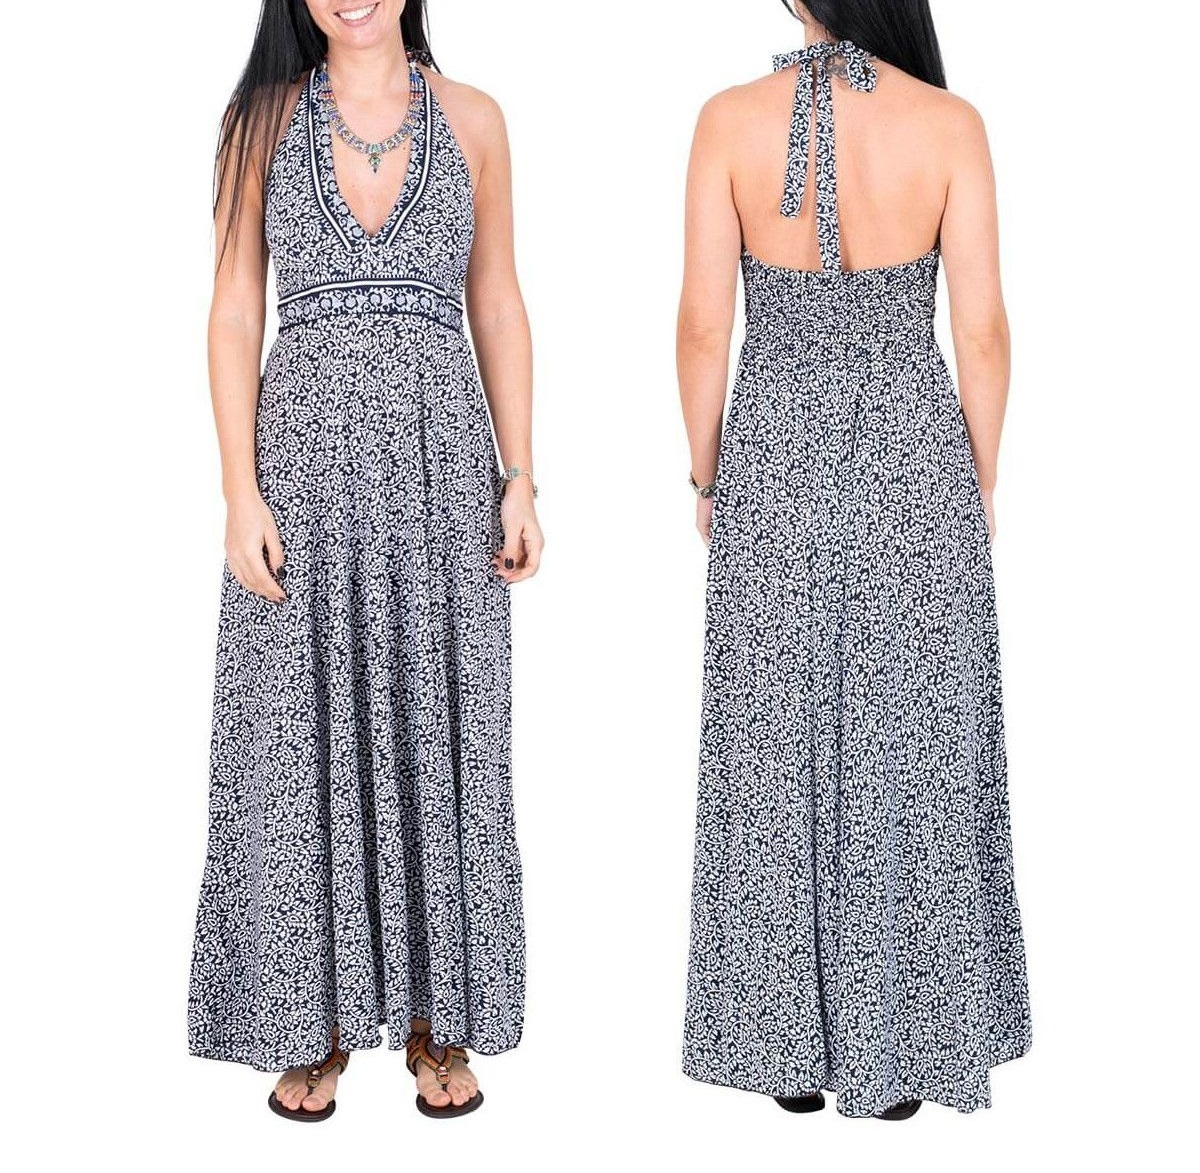 Robe longue en soie blanche/bleue | Robes d'été pour femmes